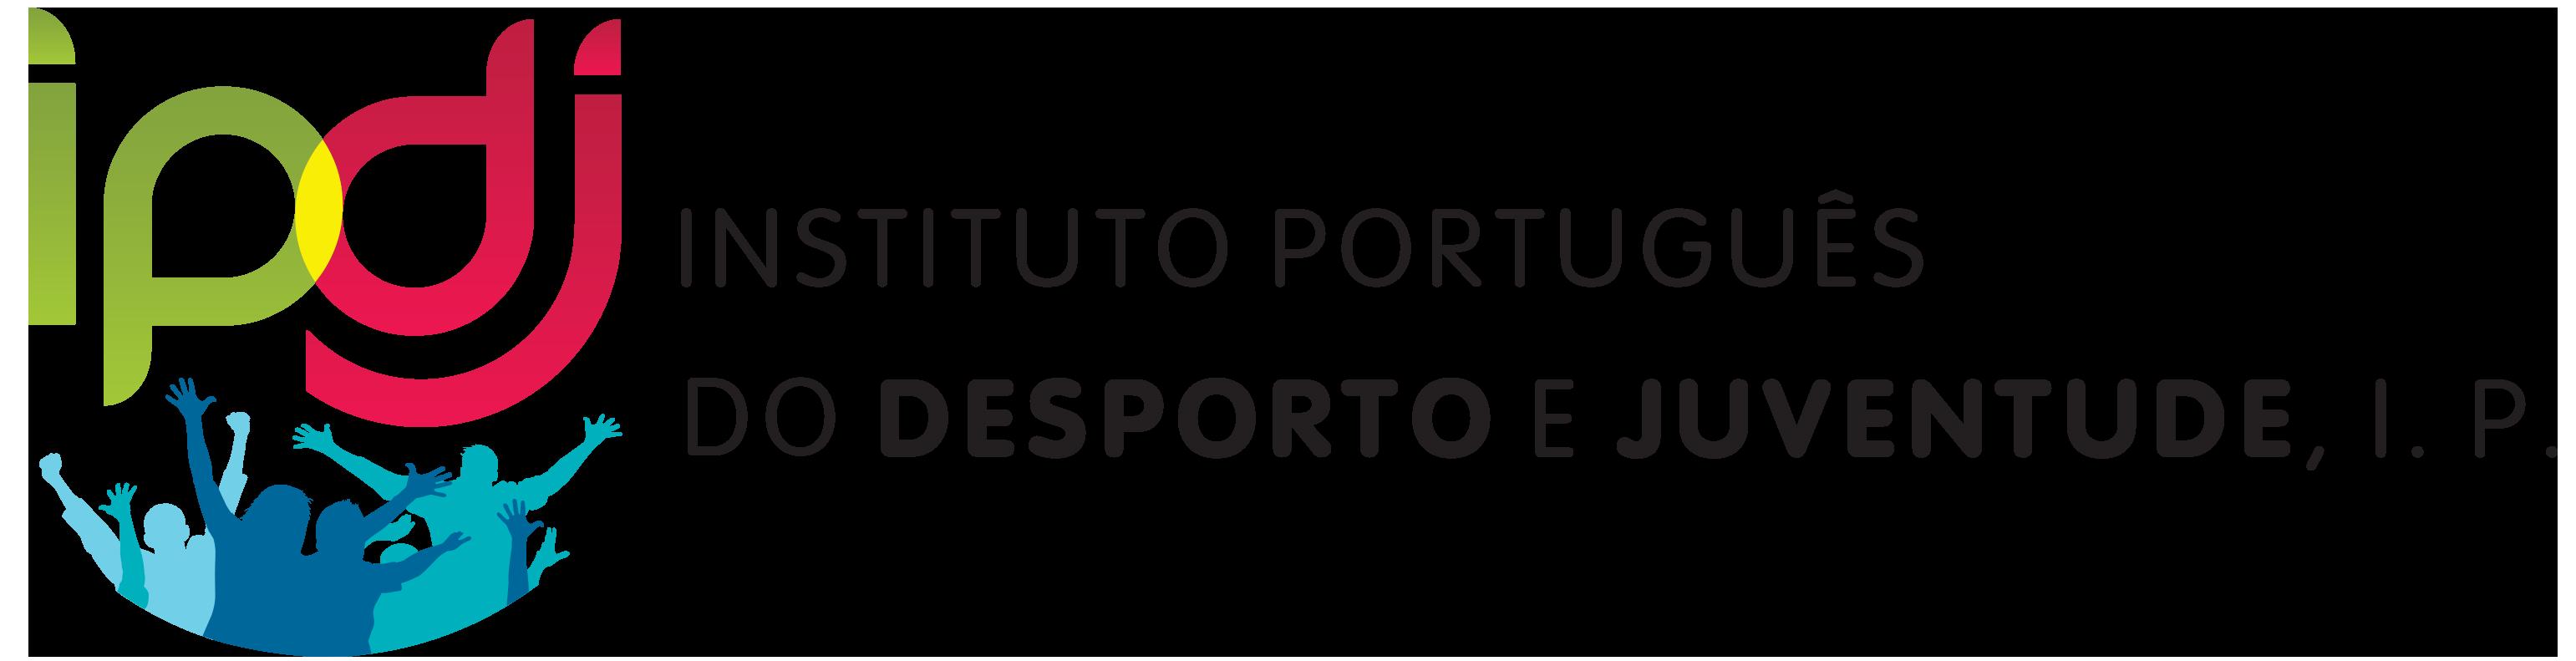 LogoIPDJHorizontalCores.png